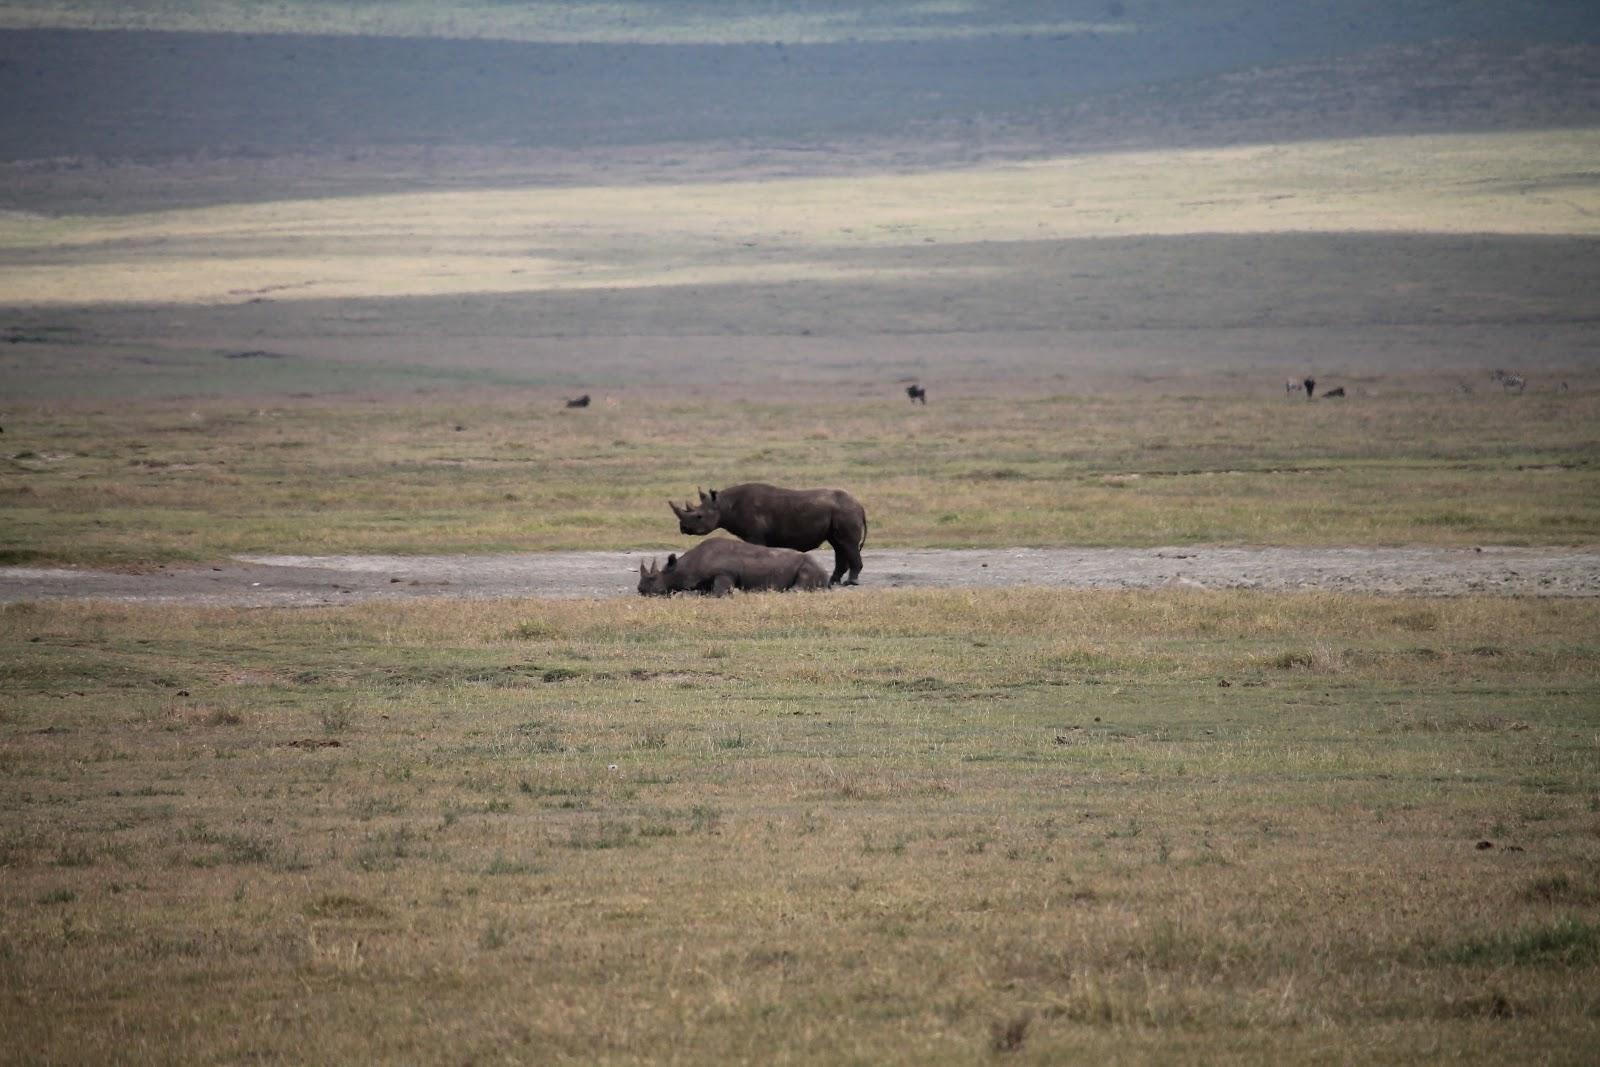 Pár nosorožcov osviežujúcich sa vo vode, Ngorongoro